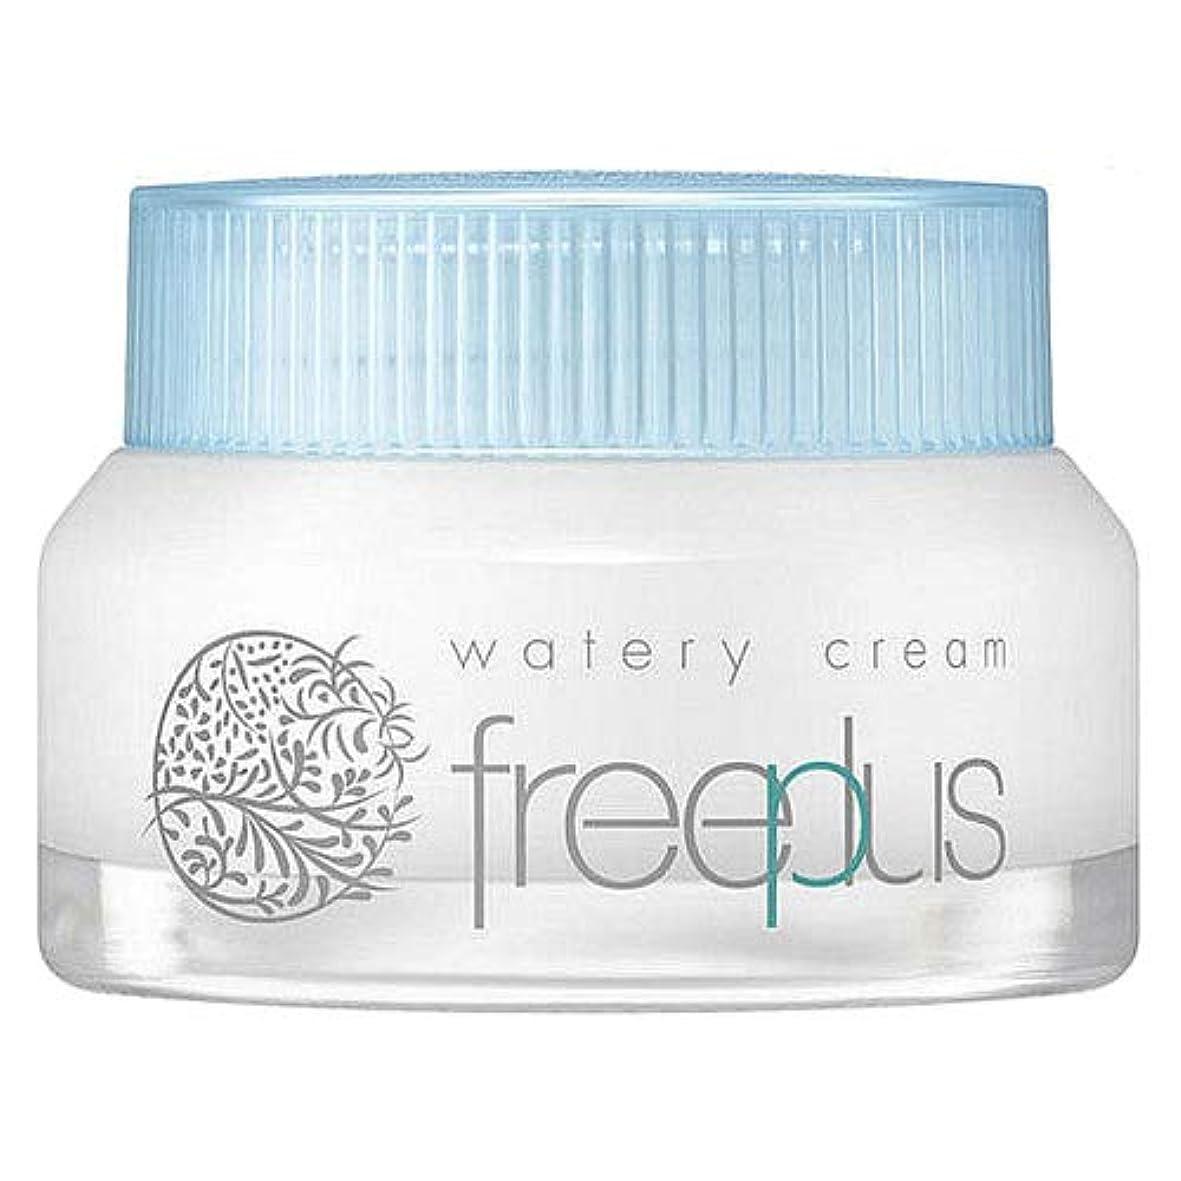 傾向デザイナー配置フリープラス FREEPLUS フリープラス ウォータリークリーム 50g [並行輸入品]